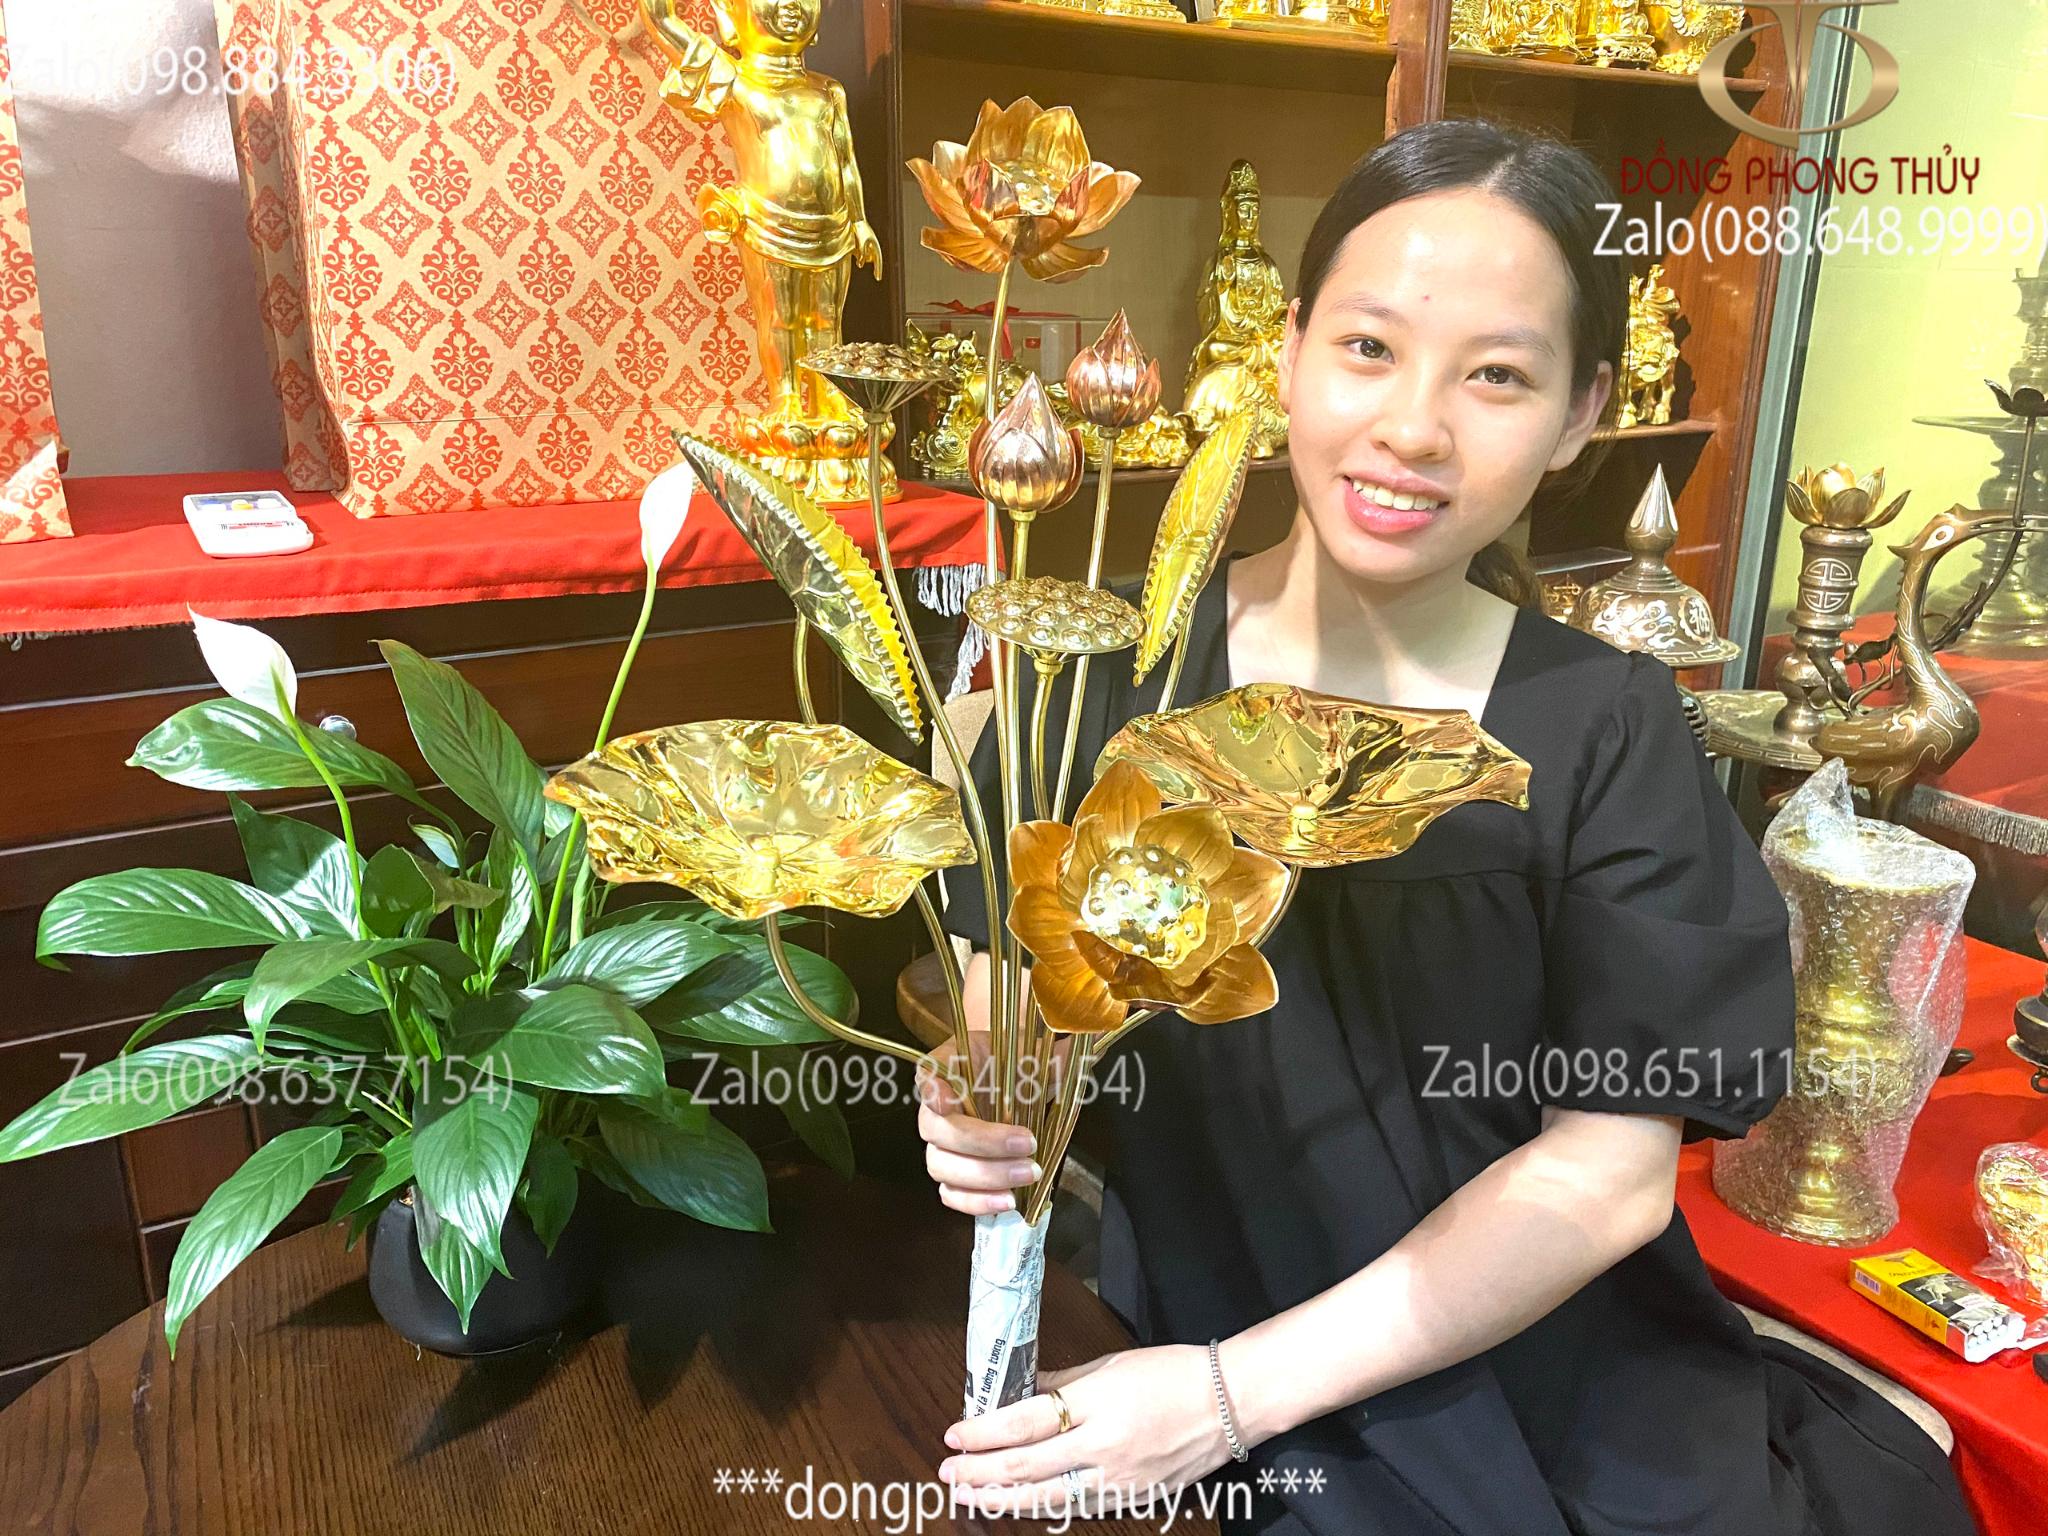 Hoa sen đồng 10 cành bằng đồng cao 70cm